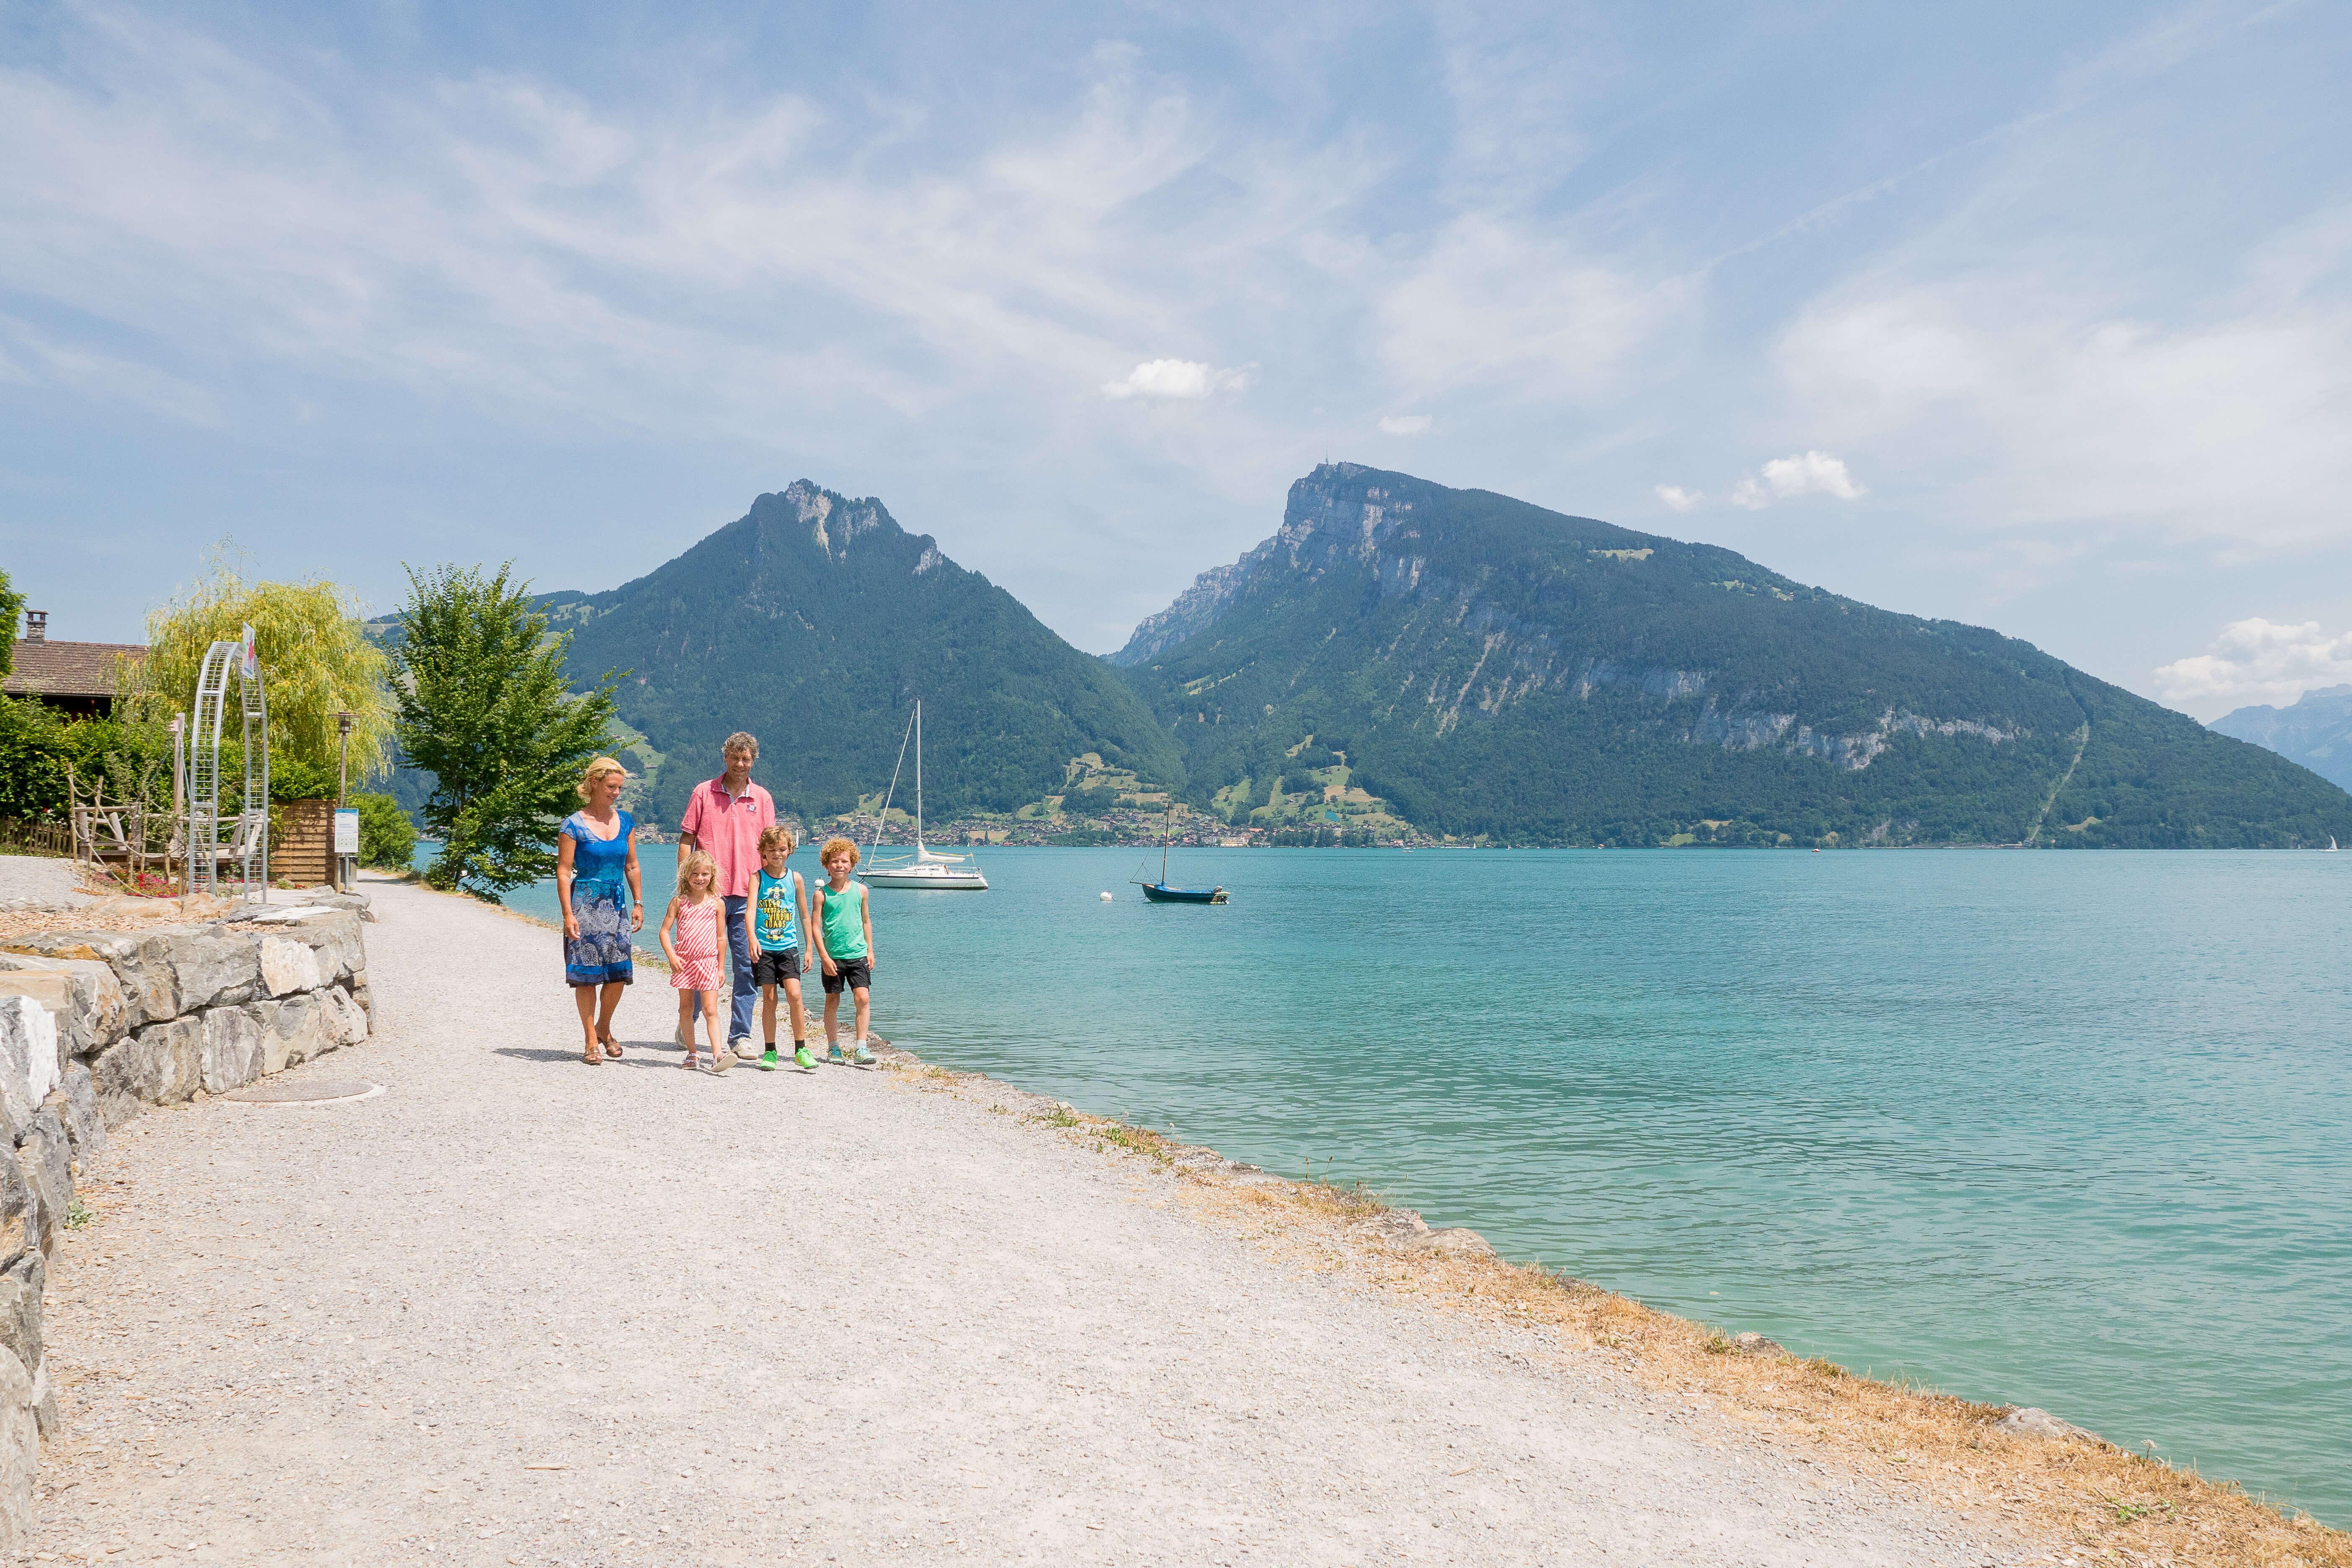 wandern-strandweg-familie-spiez-faulensee-sommer.jpg